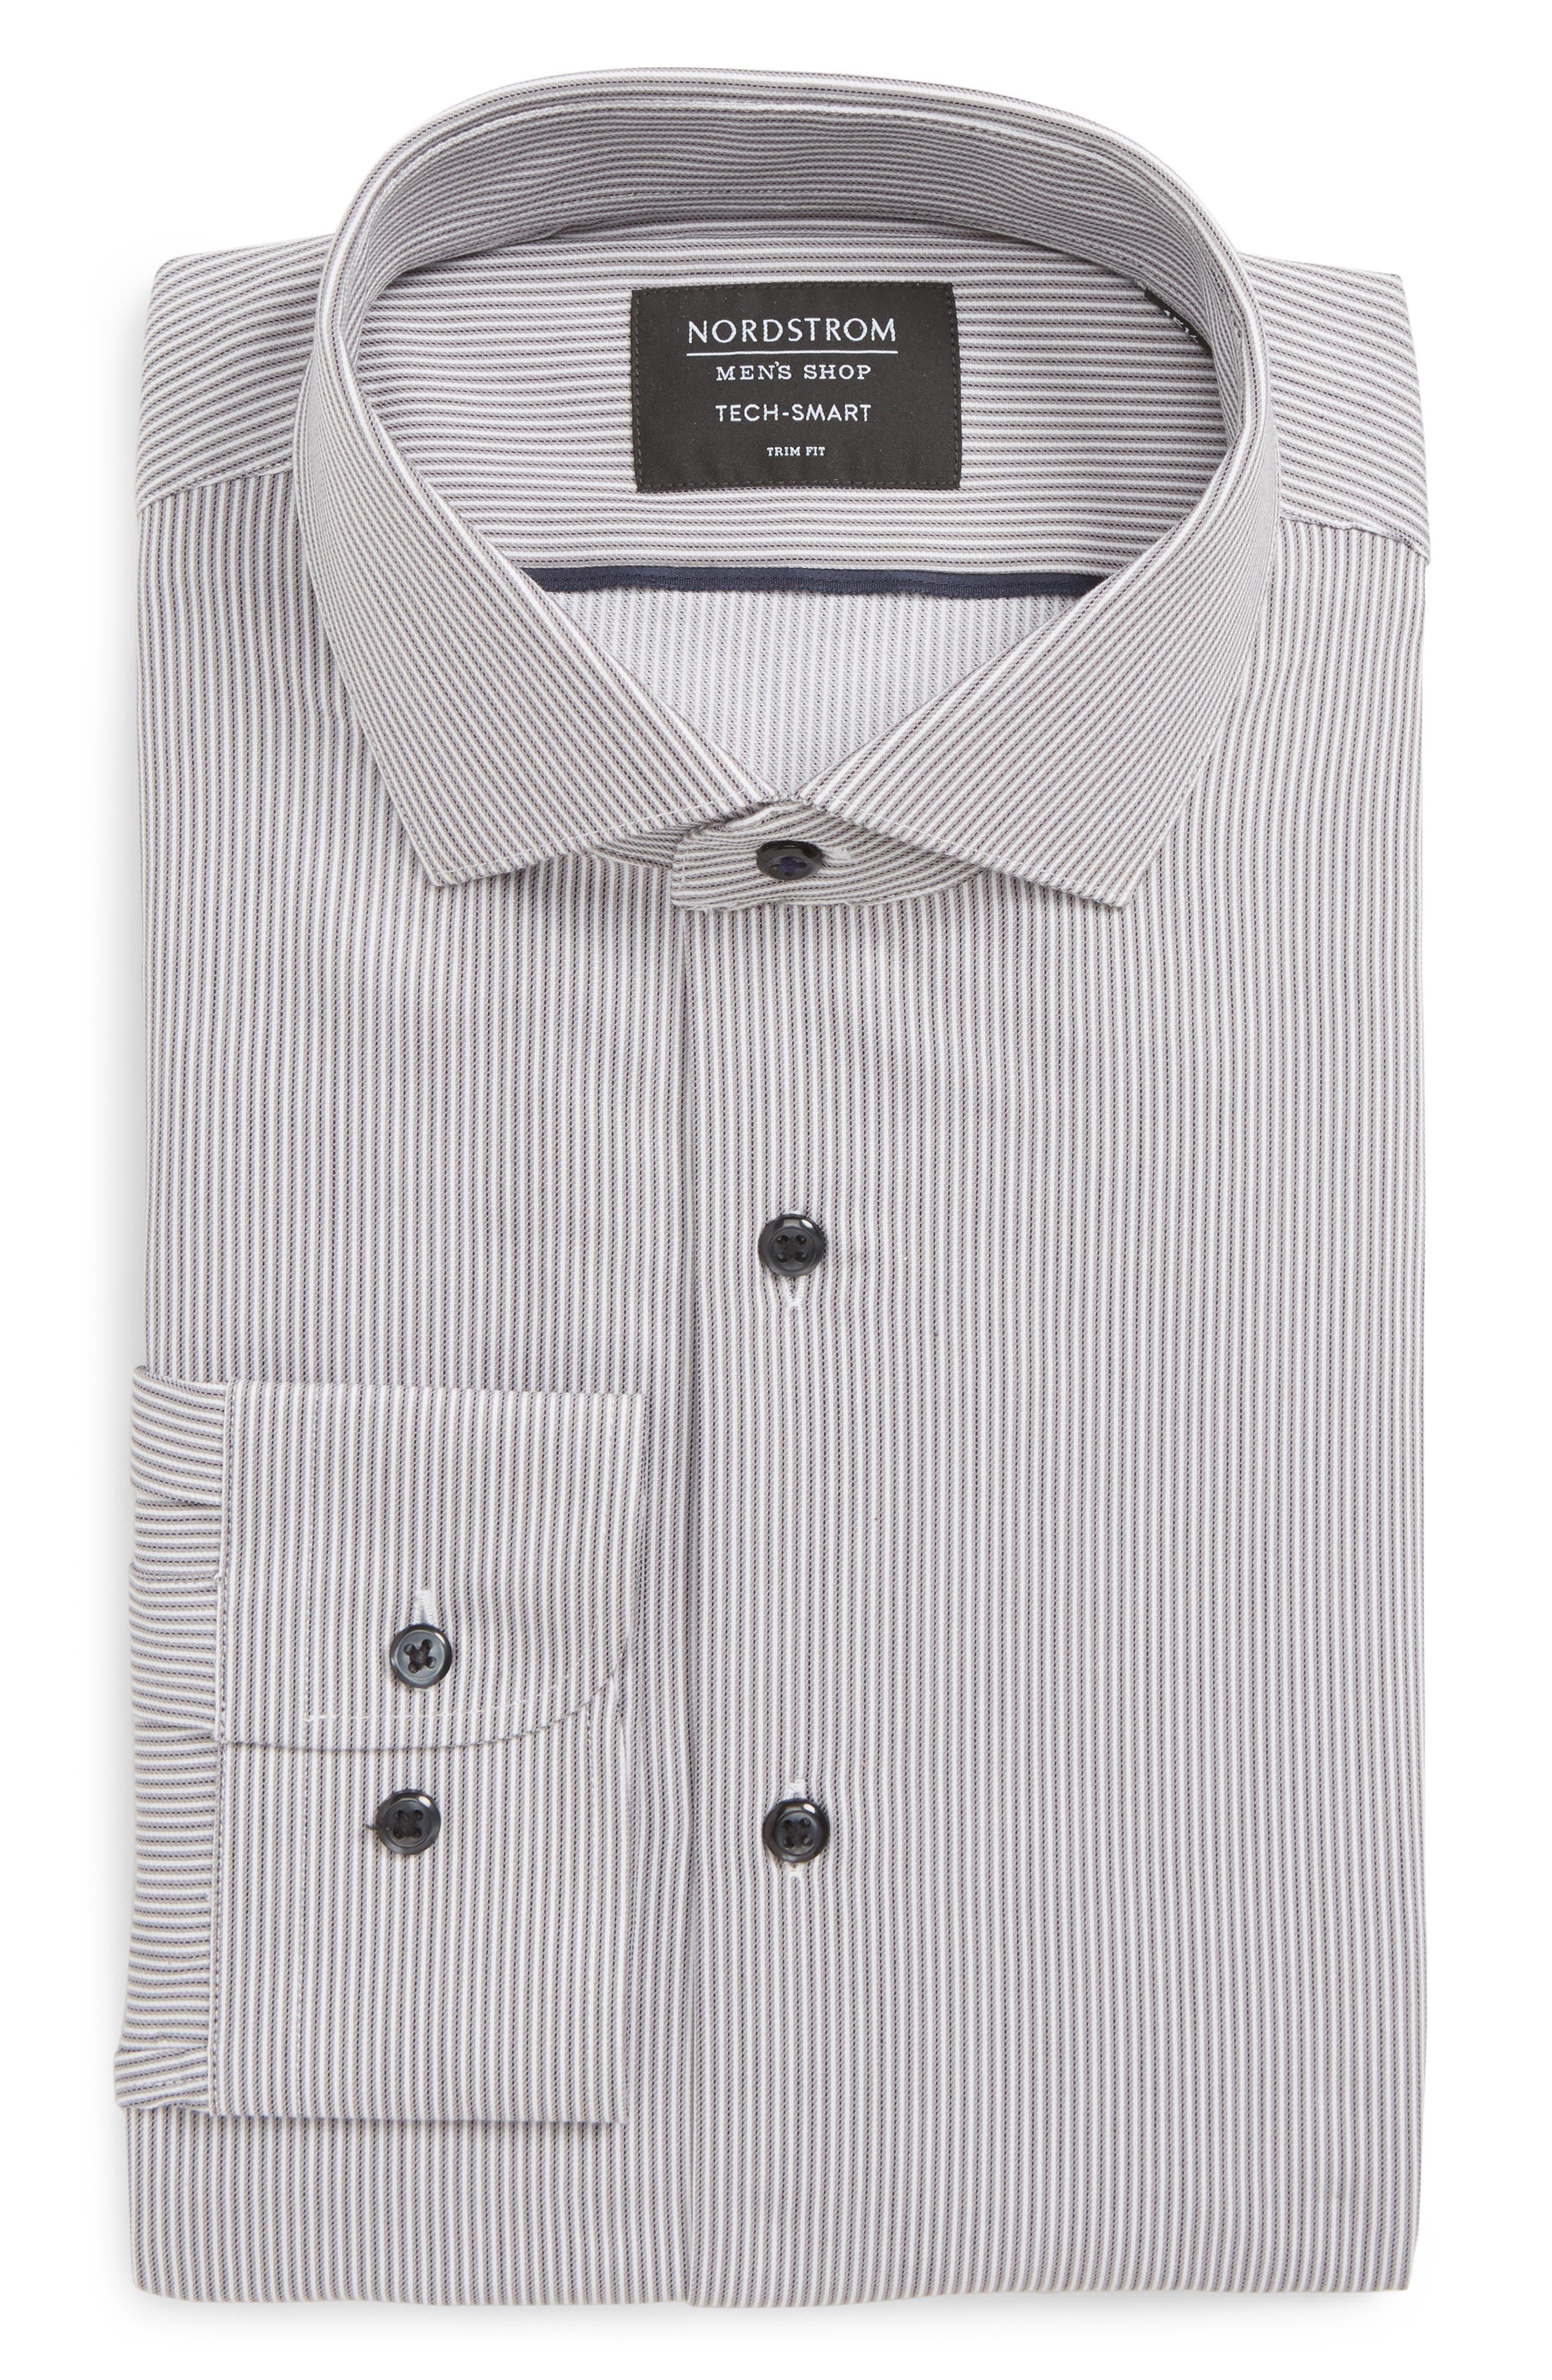 NORDSTROM MEN'S SHOP Tech-Smart Trim Fit Stretch Stripe Dress Shirt, Main, color, 021